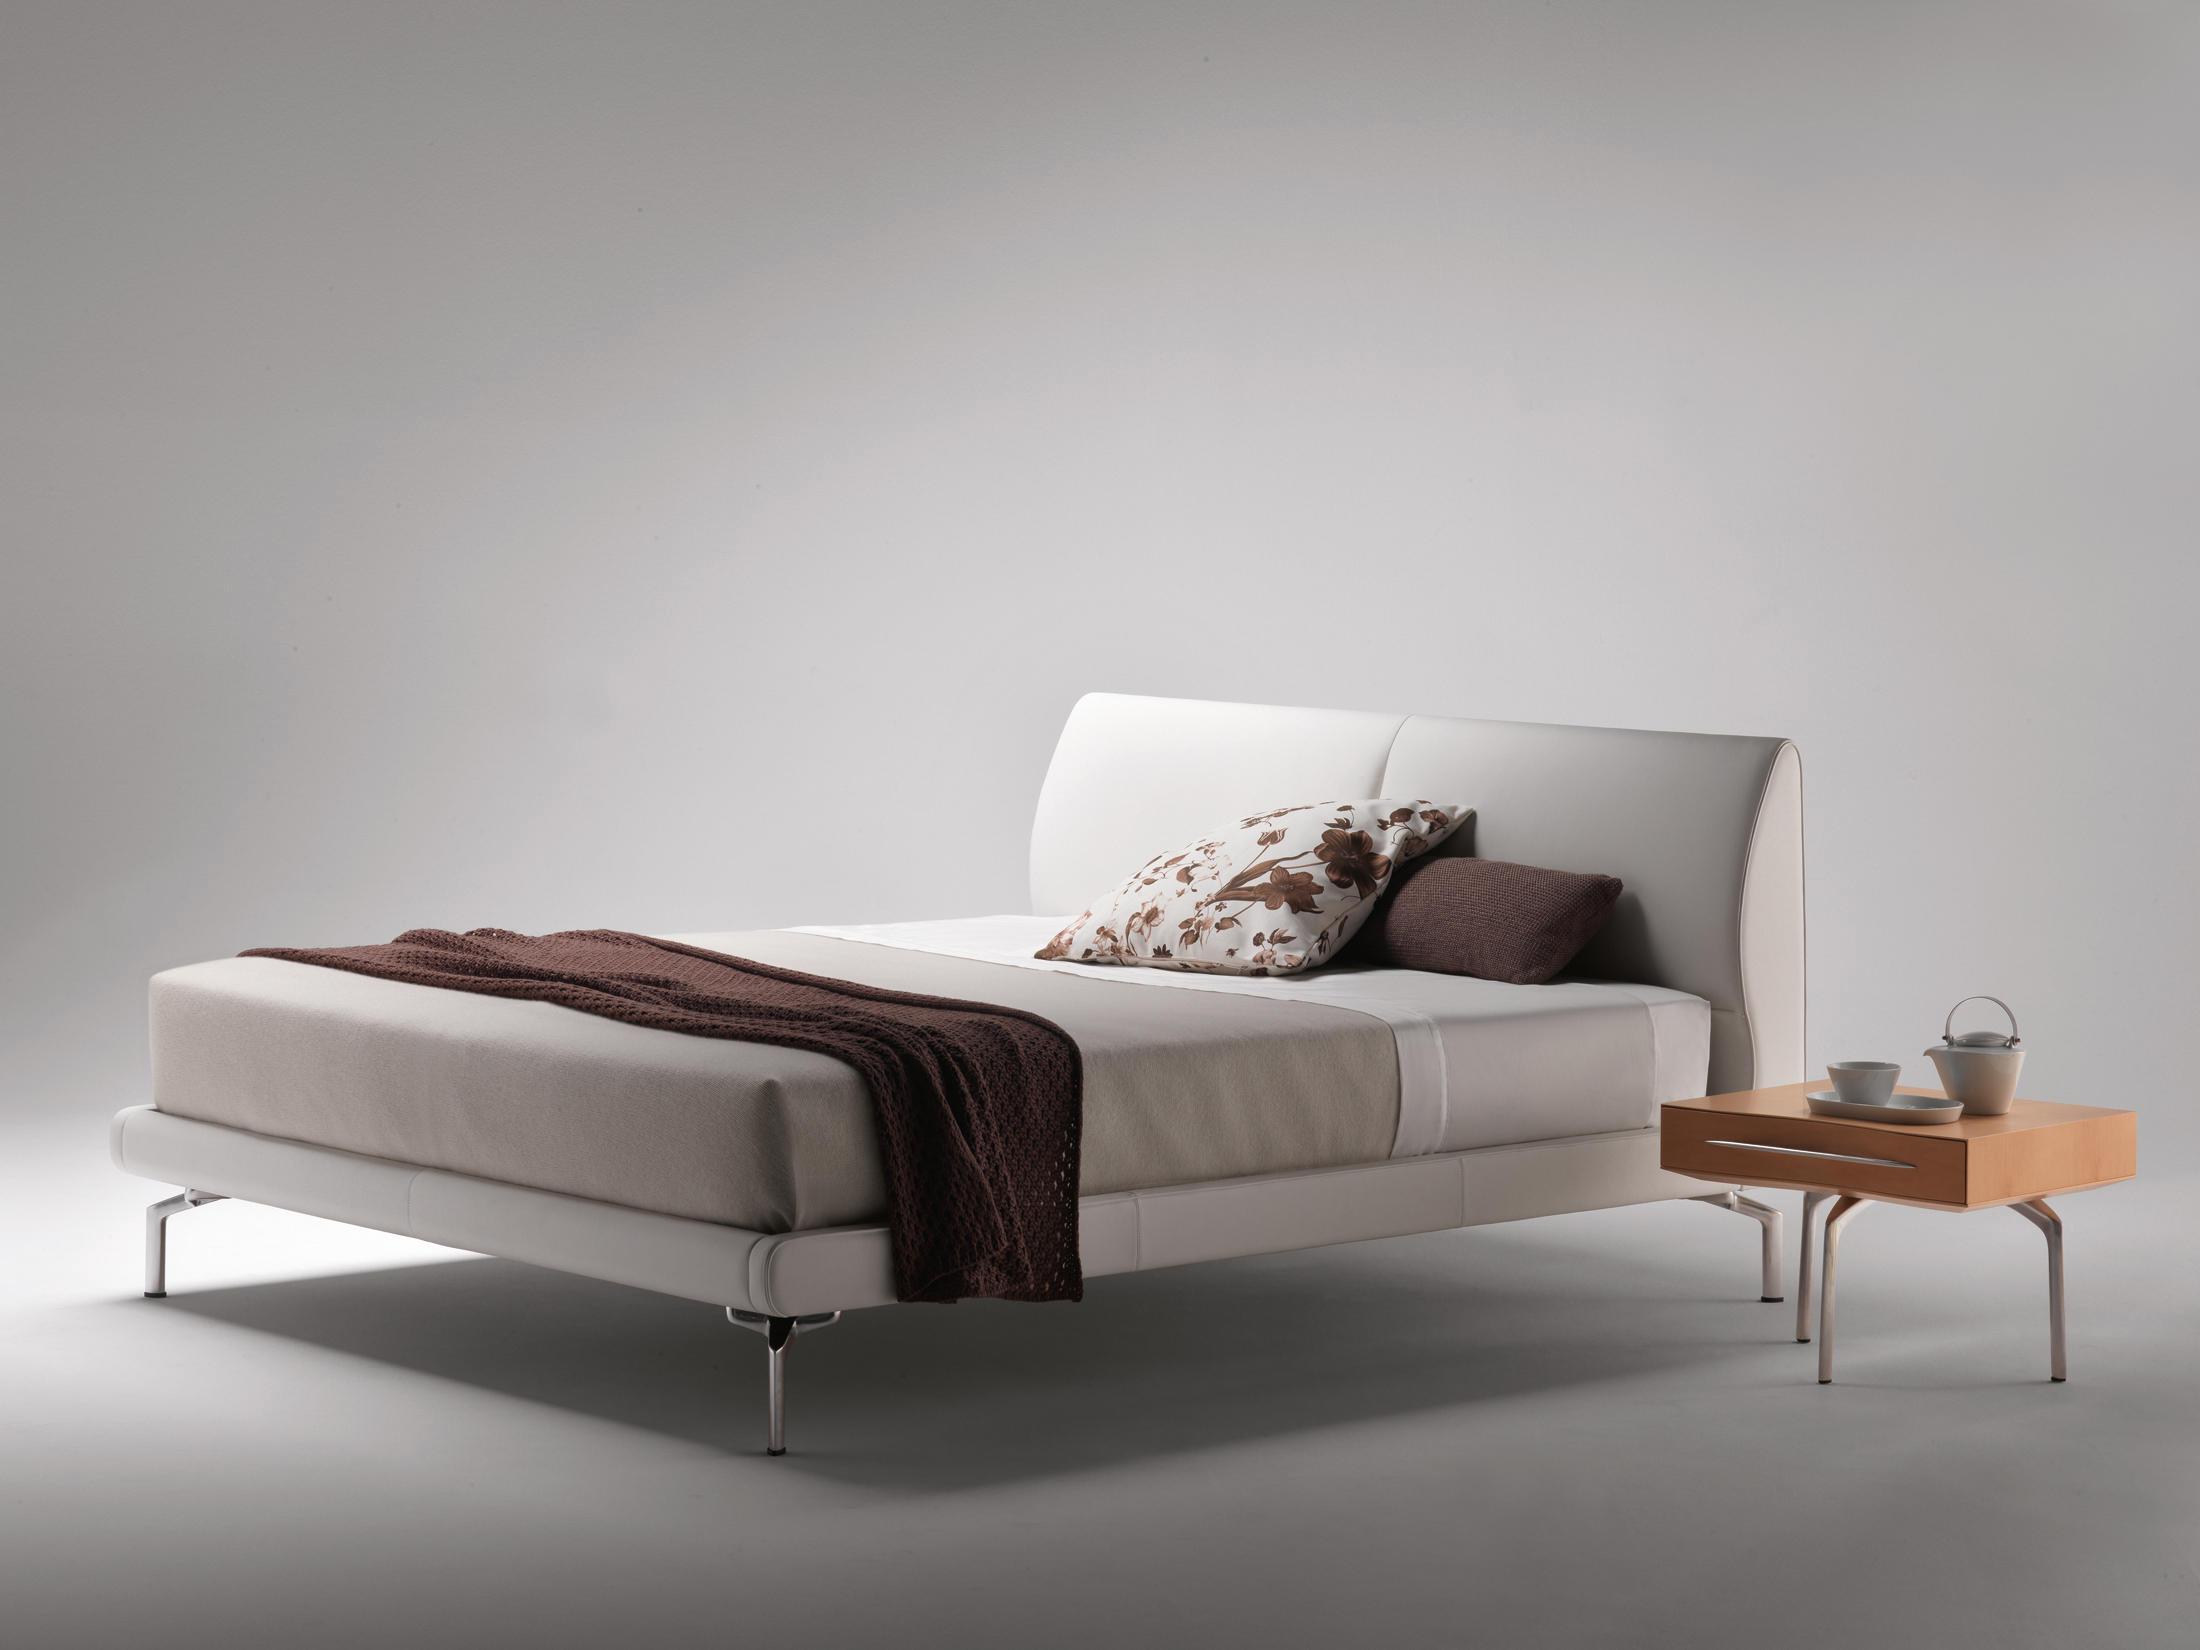 EOSONNO - Doppelbetten von Poltrona Frau | Architonic